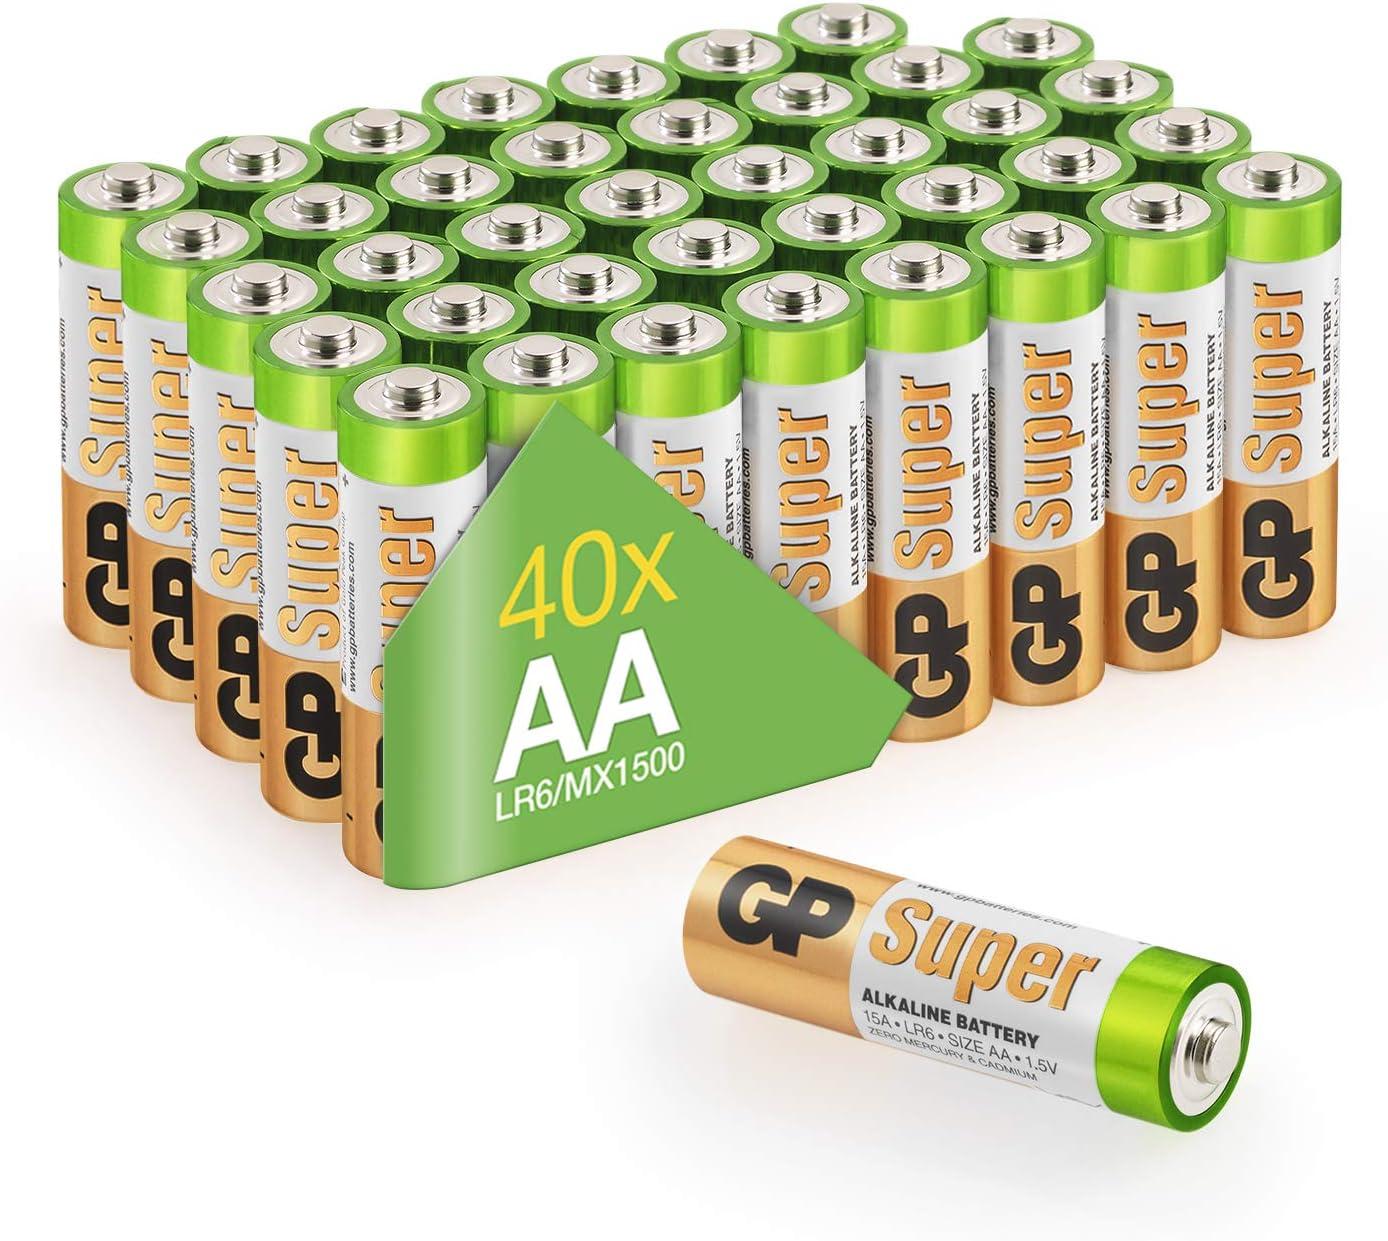 Gp Batterien Aa Vorratspack Super Alkaline Besonders Elektronik